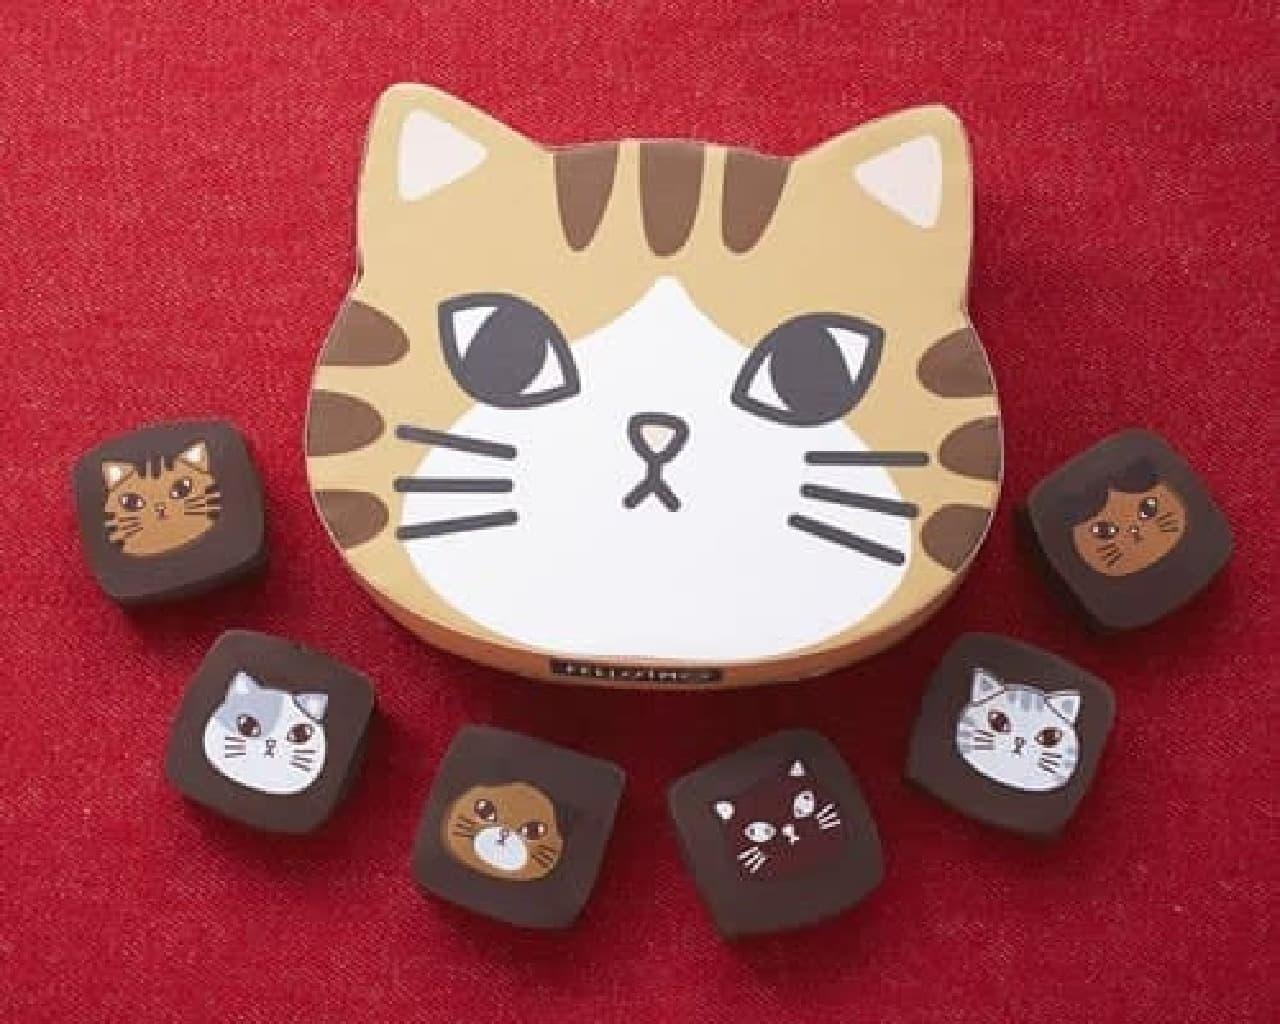 東京ソラマチ店限定商品:「ショコラティエ ヤン・プロット 猫ボックスチョコ」